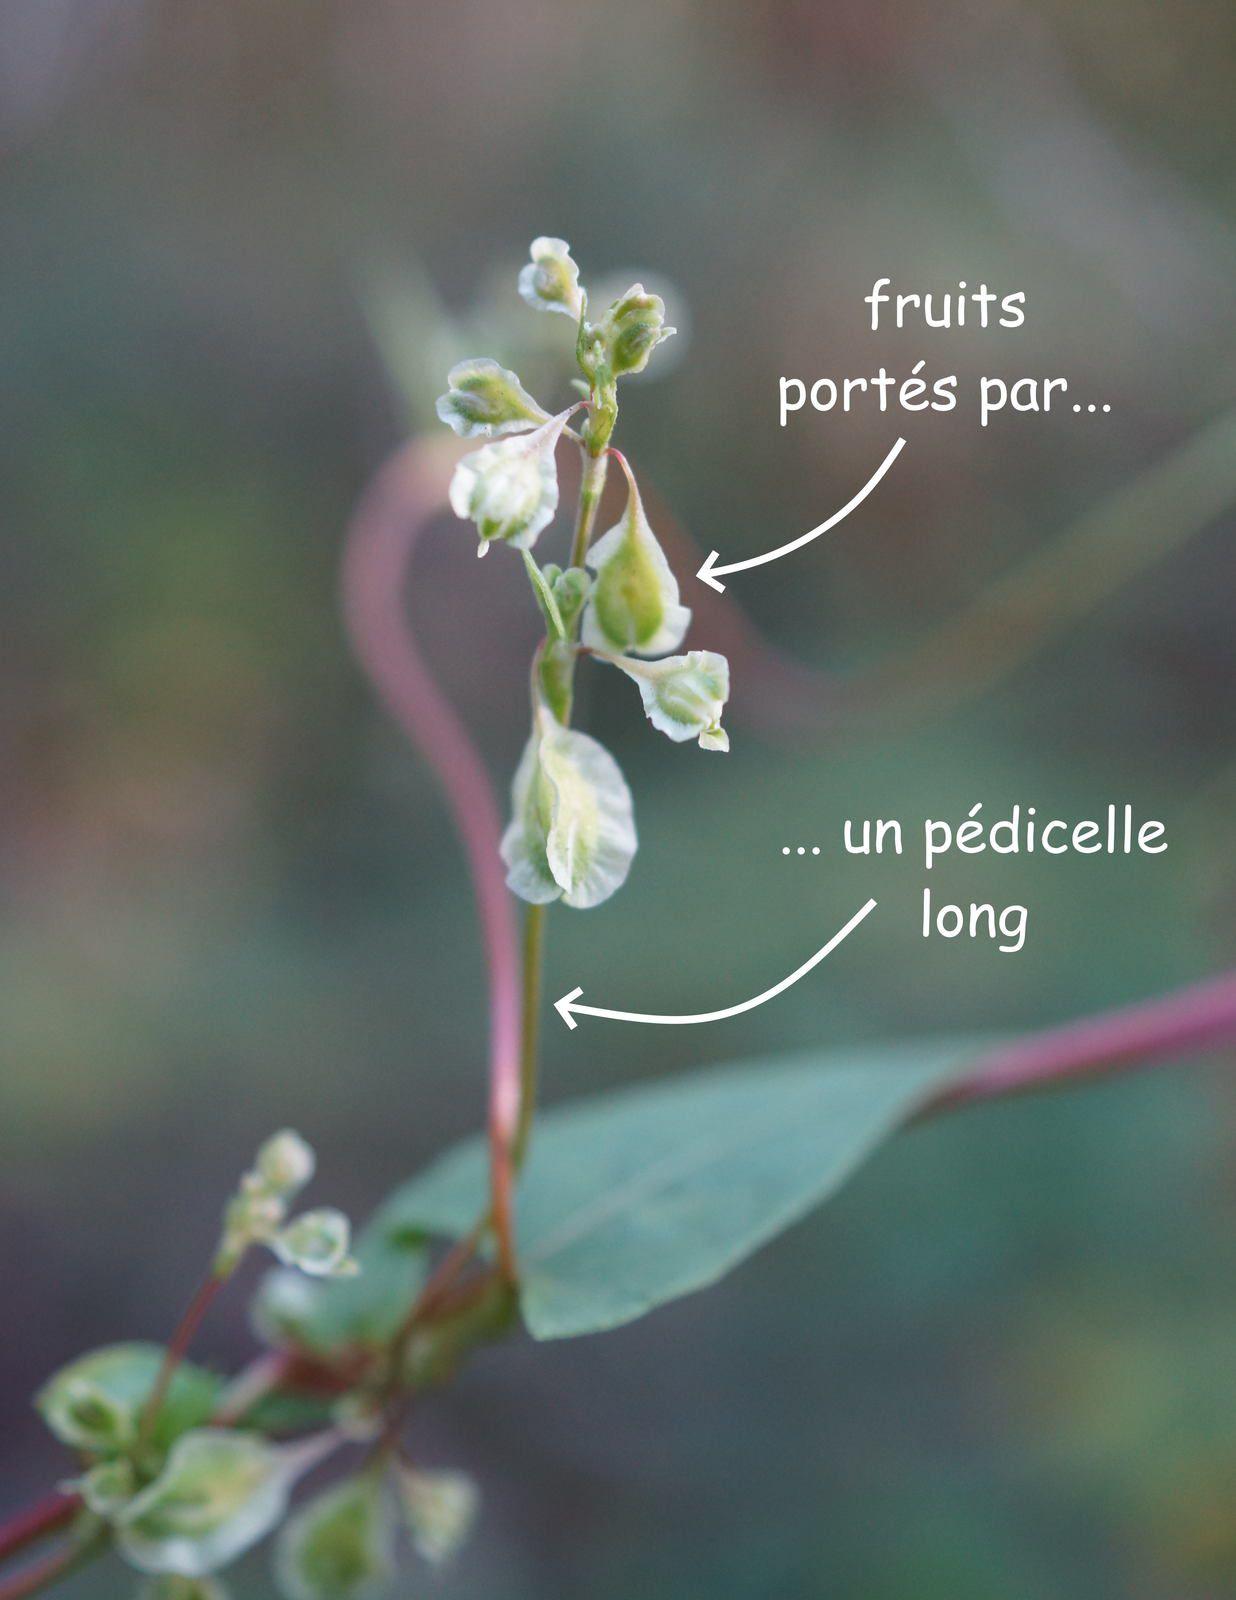 Fruits portés par un pédicelle long